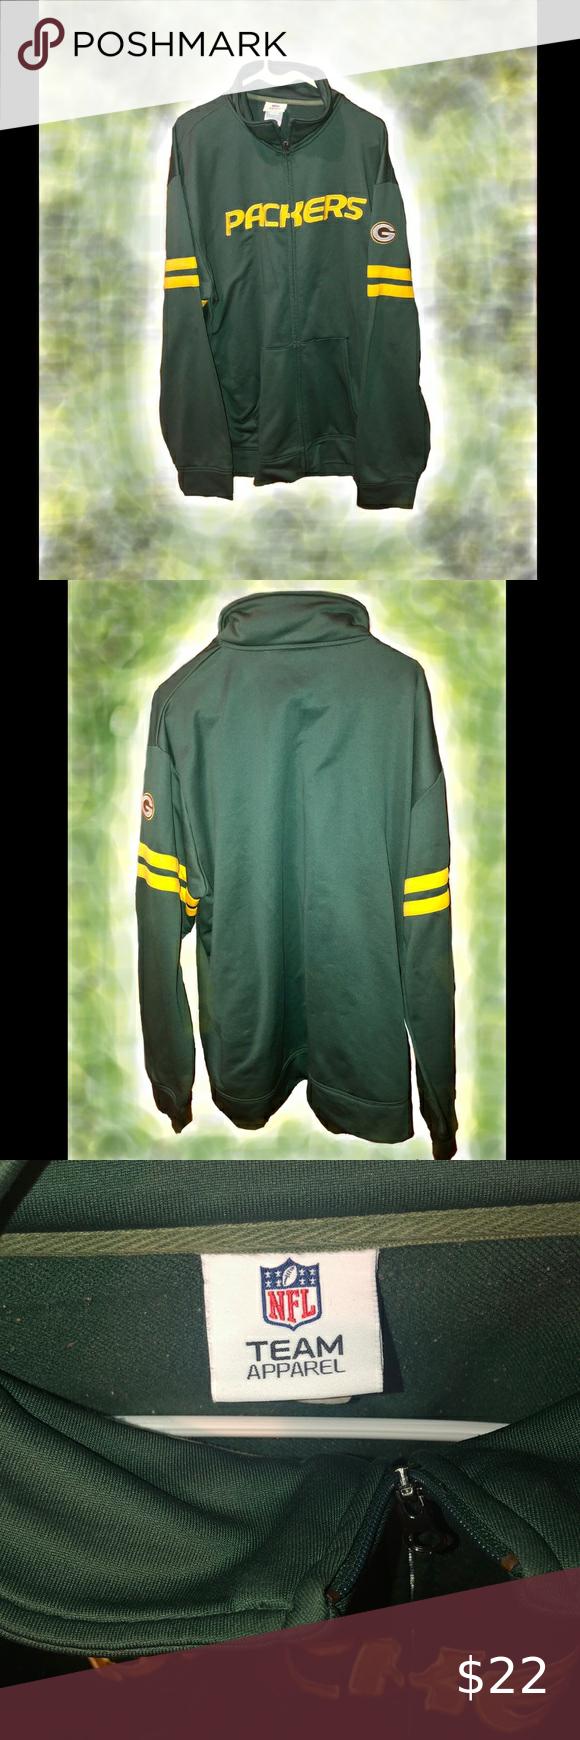 Vtg Nfl Green Bay Packers Sweatshirt Men S 2x Green Bay Packers Sweatshirt Packers Sweatshirt Mens Sweatshirts [ 1740 x 580 Pixel ]